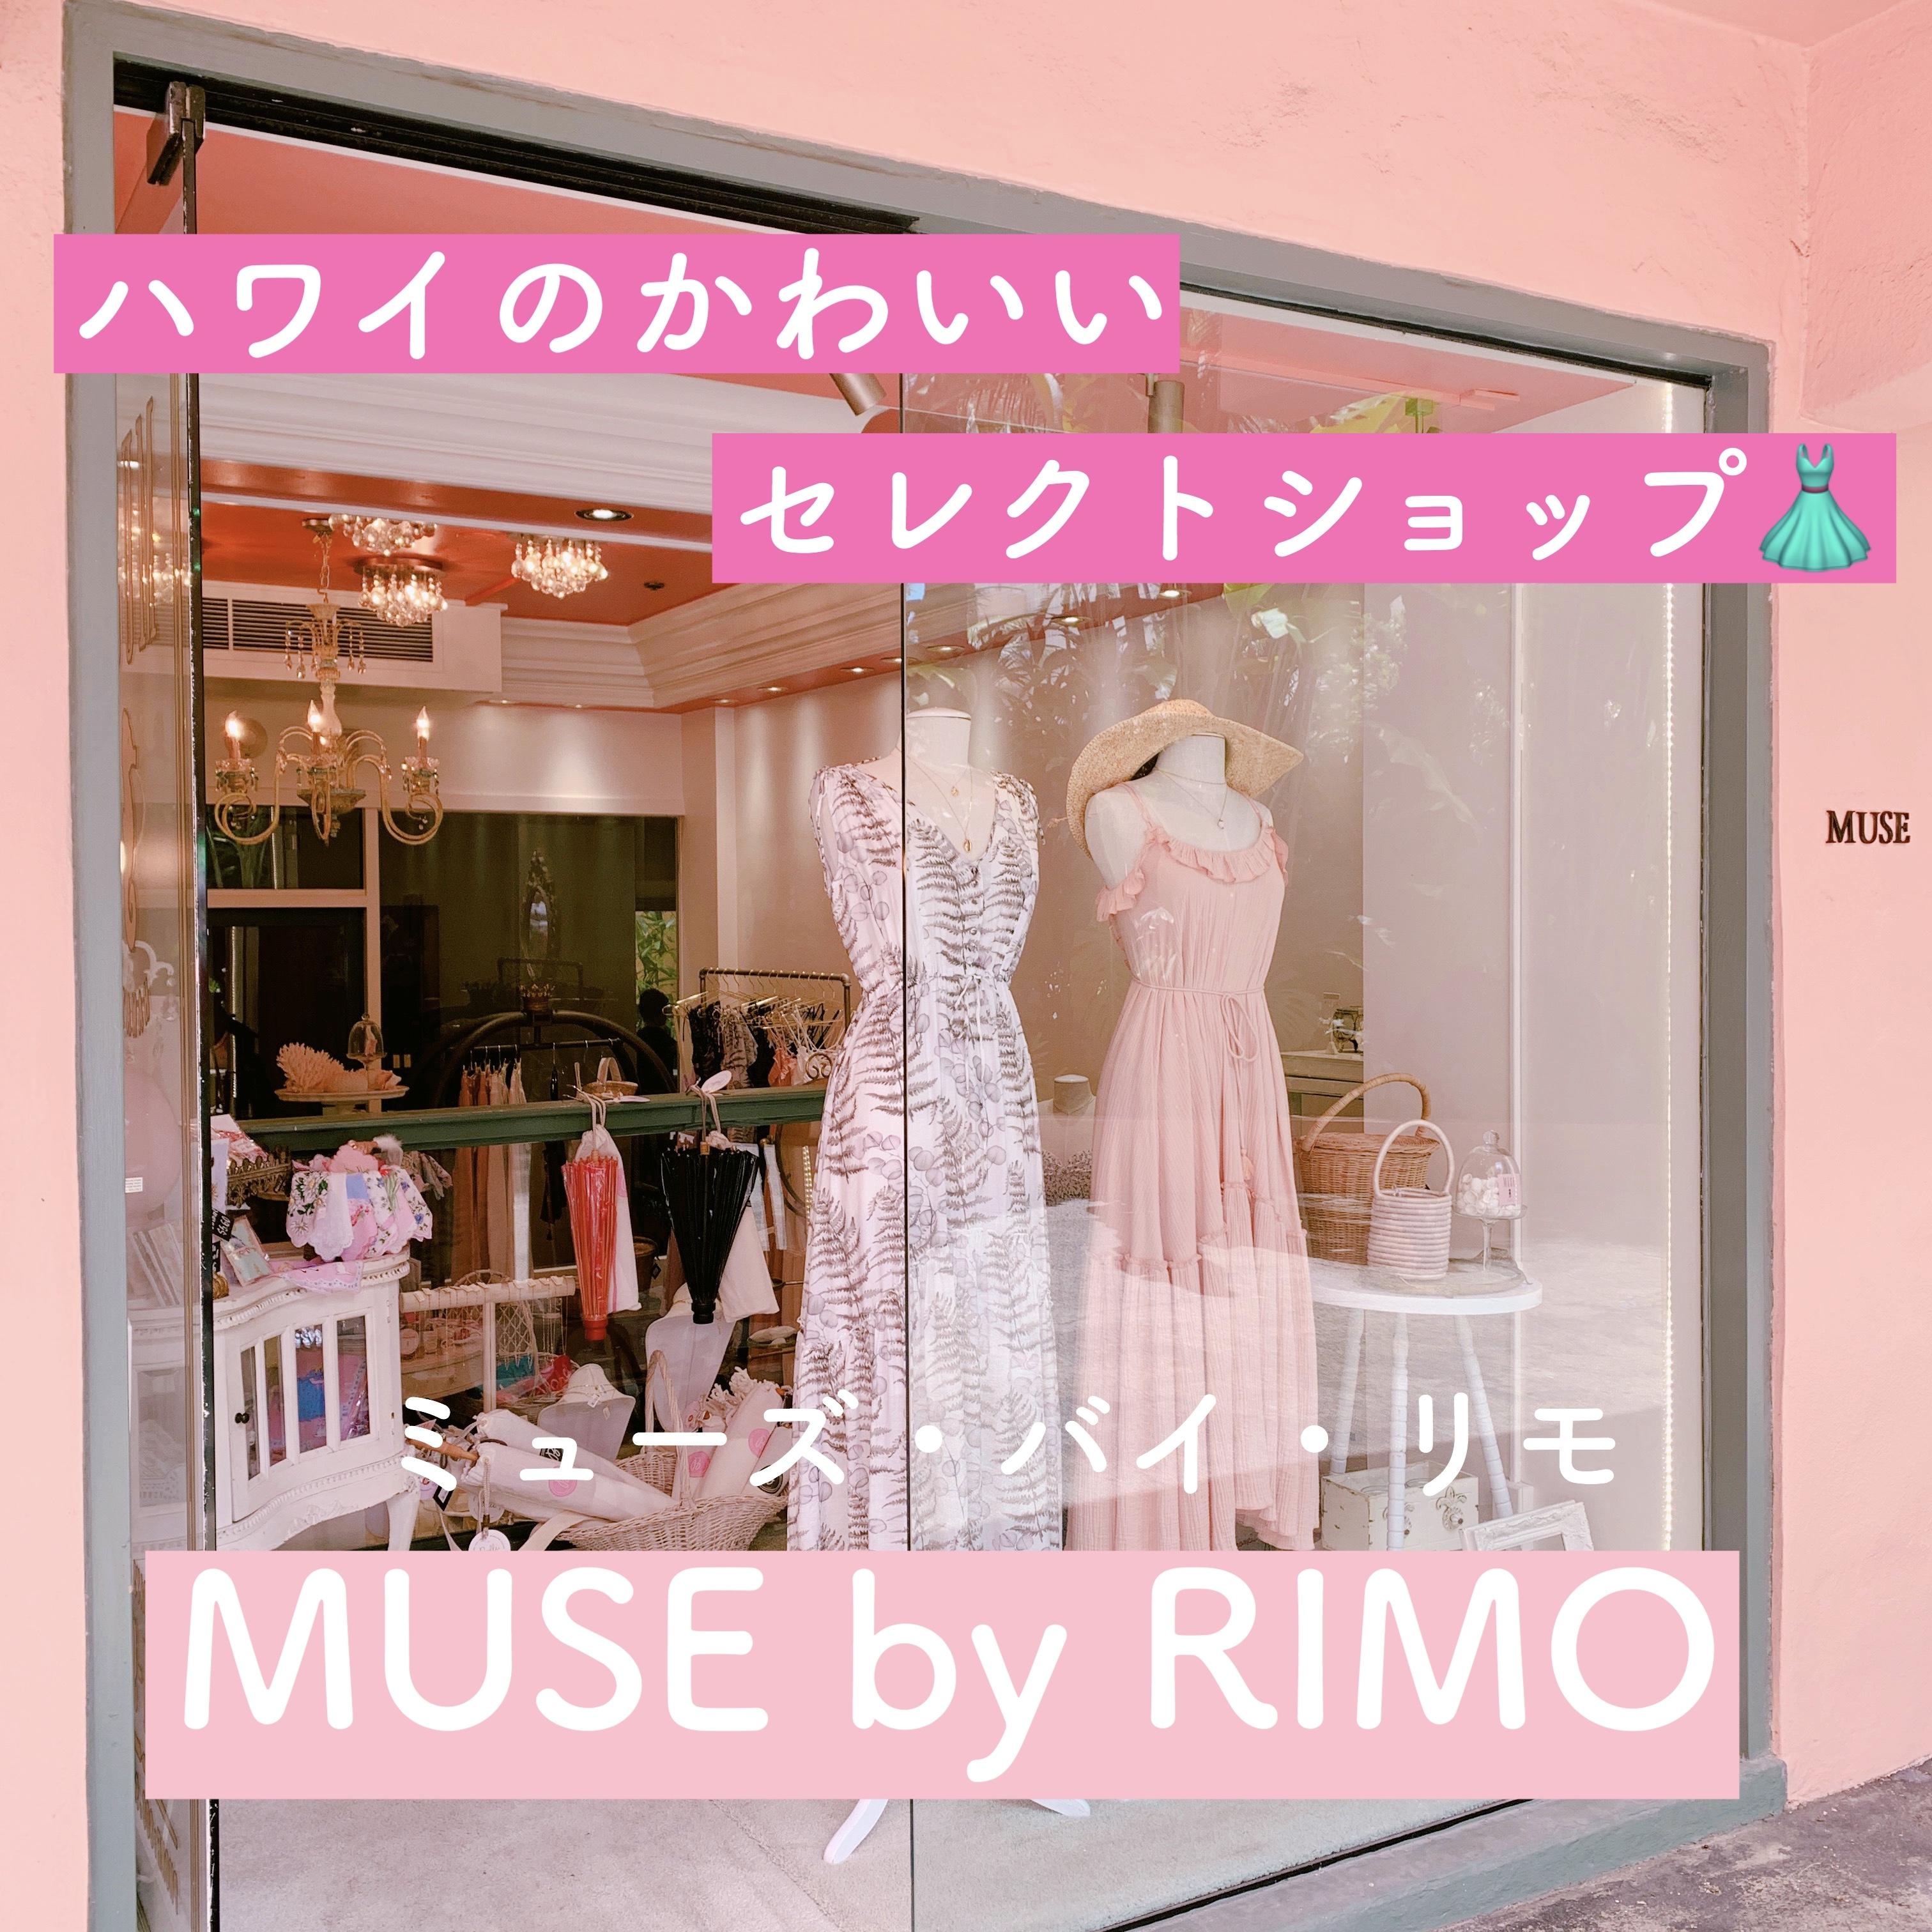 【現地調達】ハワイで洋服買うなら「MUSE by RIMO(ミューズ・バイ・リモ)」【ワイキキ】